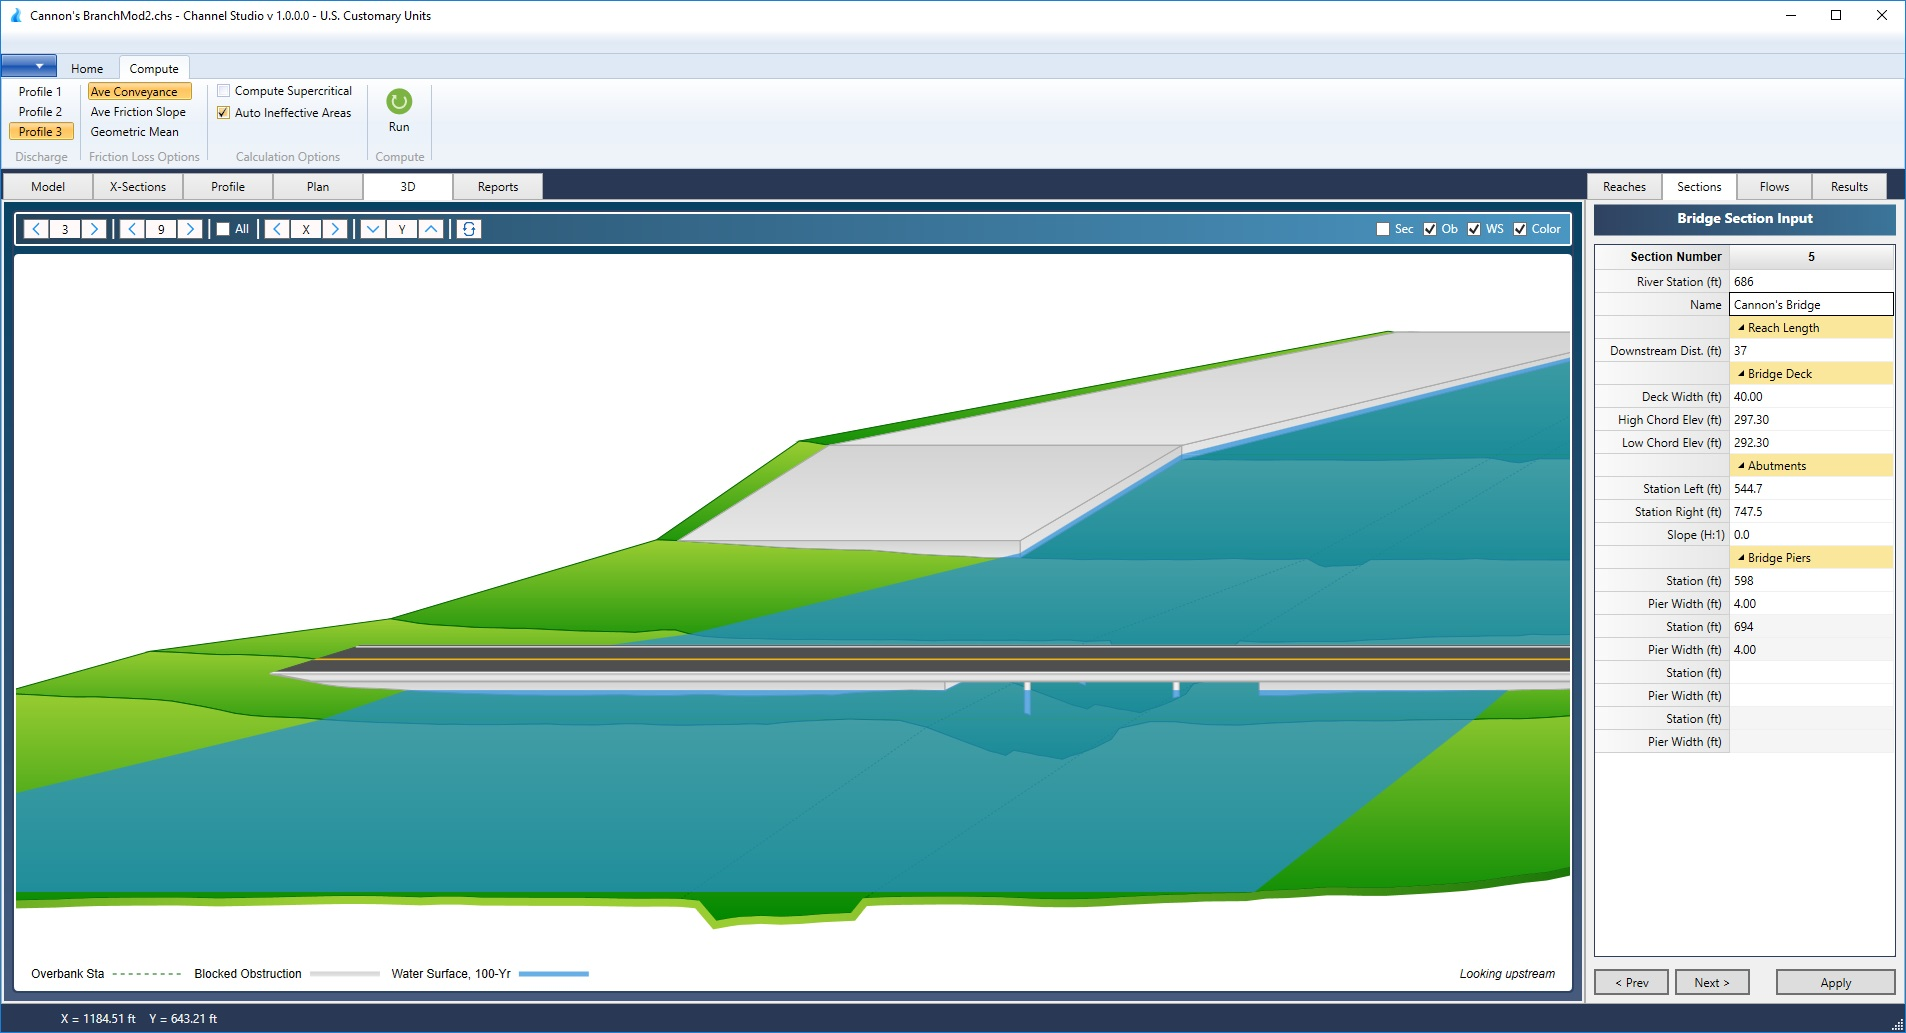 Open Channel Hydraulics Software   Channel Studio